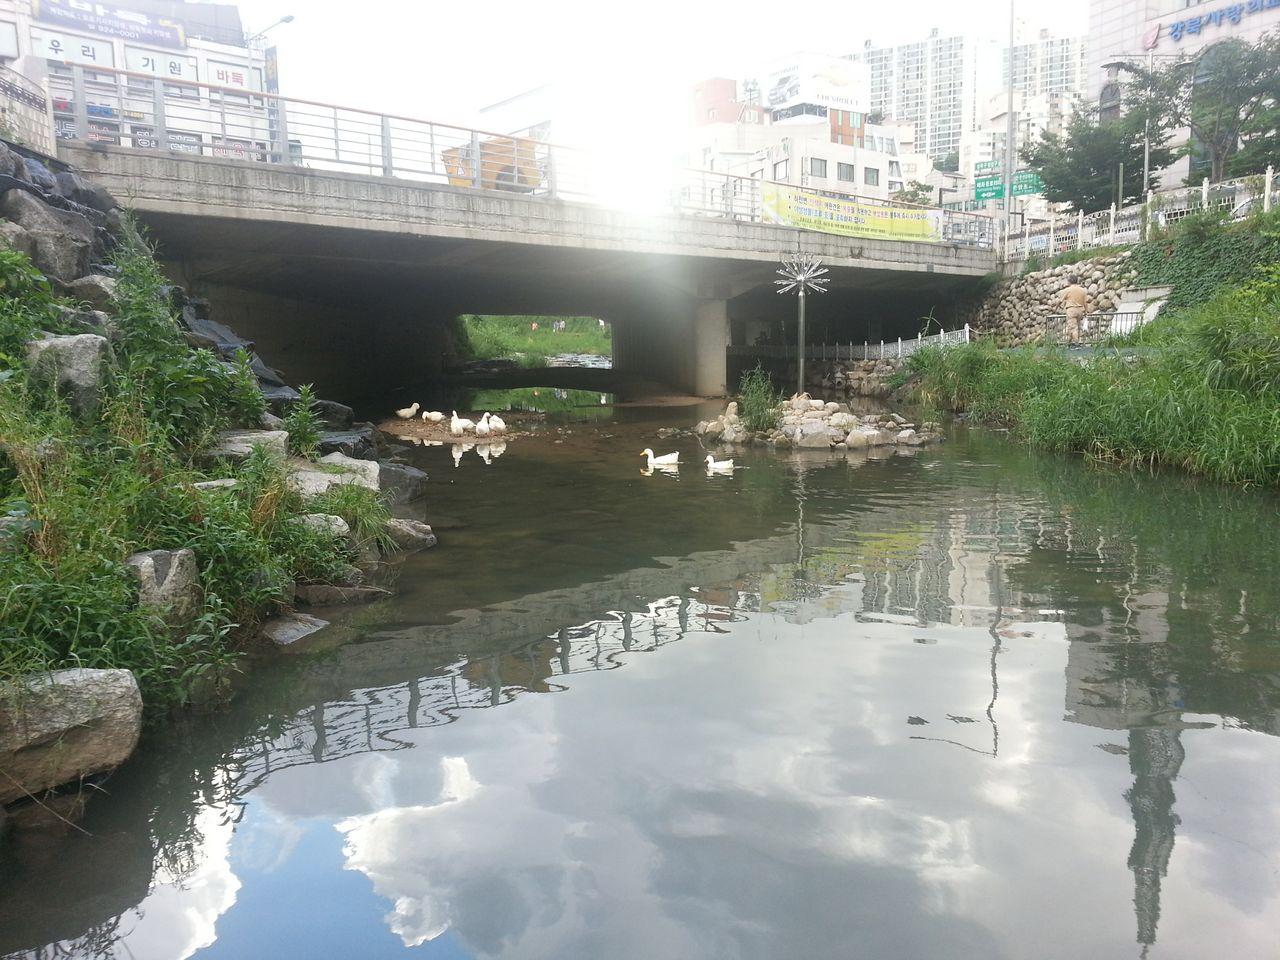 아름다운 백조는 물 밑에선 필사적으로 헤엄치고 ..